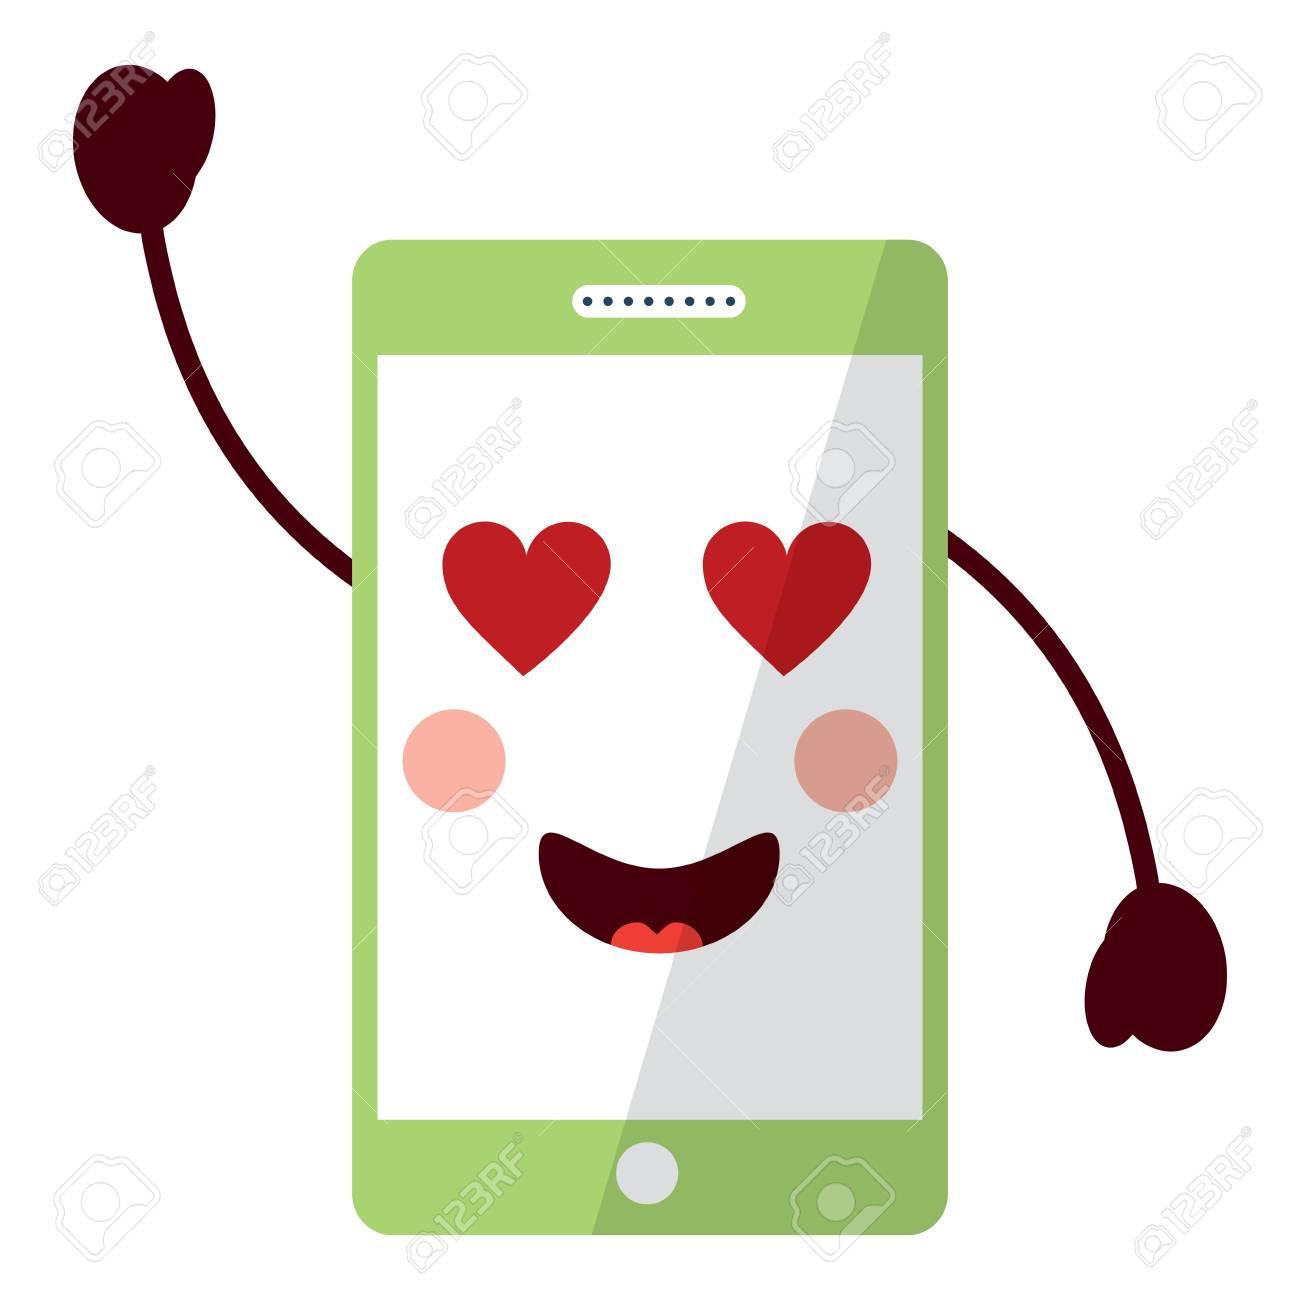 携帯電話キャラクター顔文字ベクトルイラスト